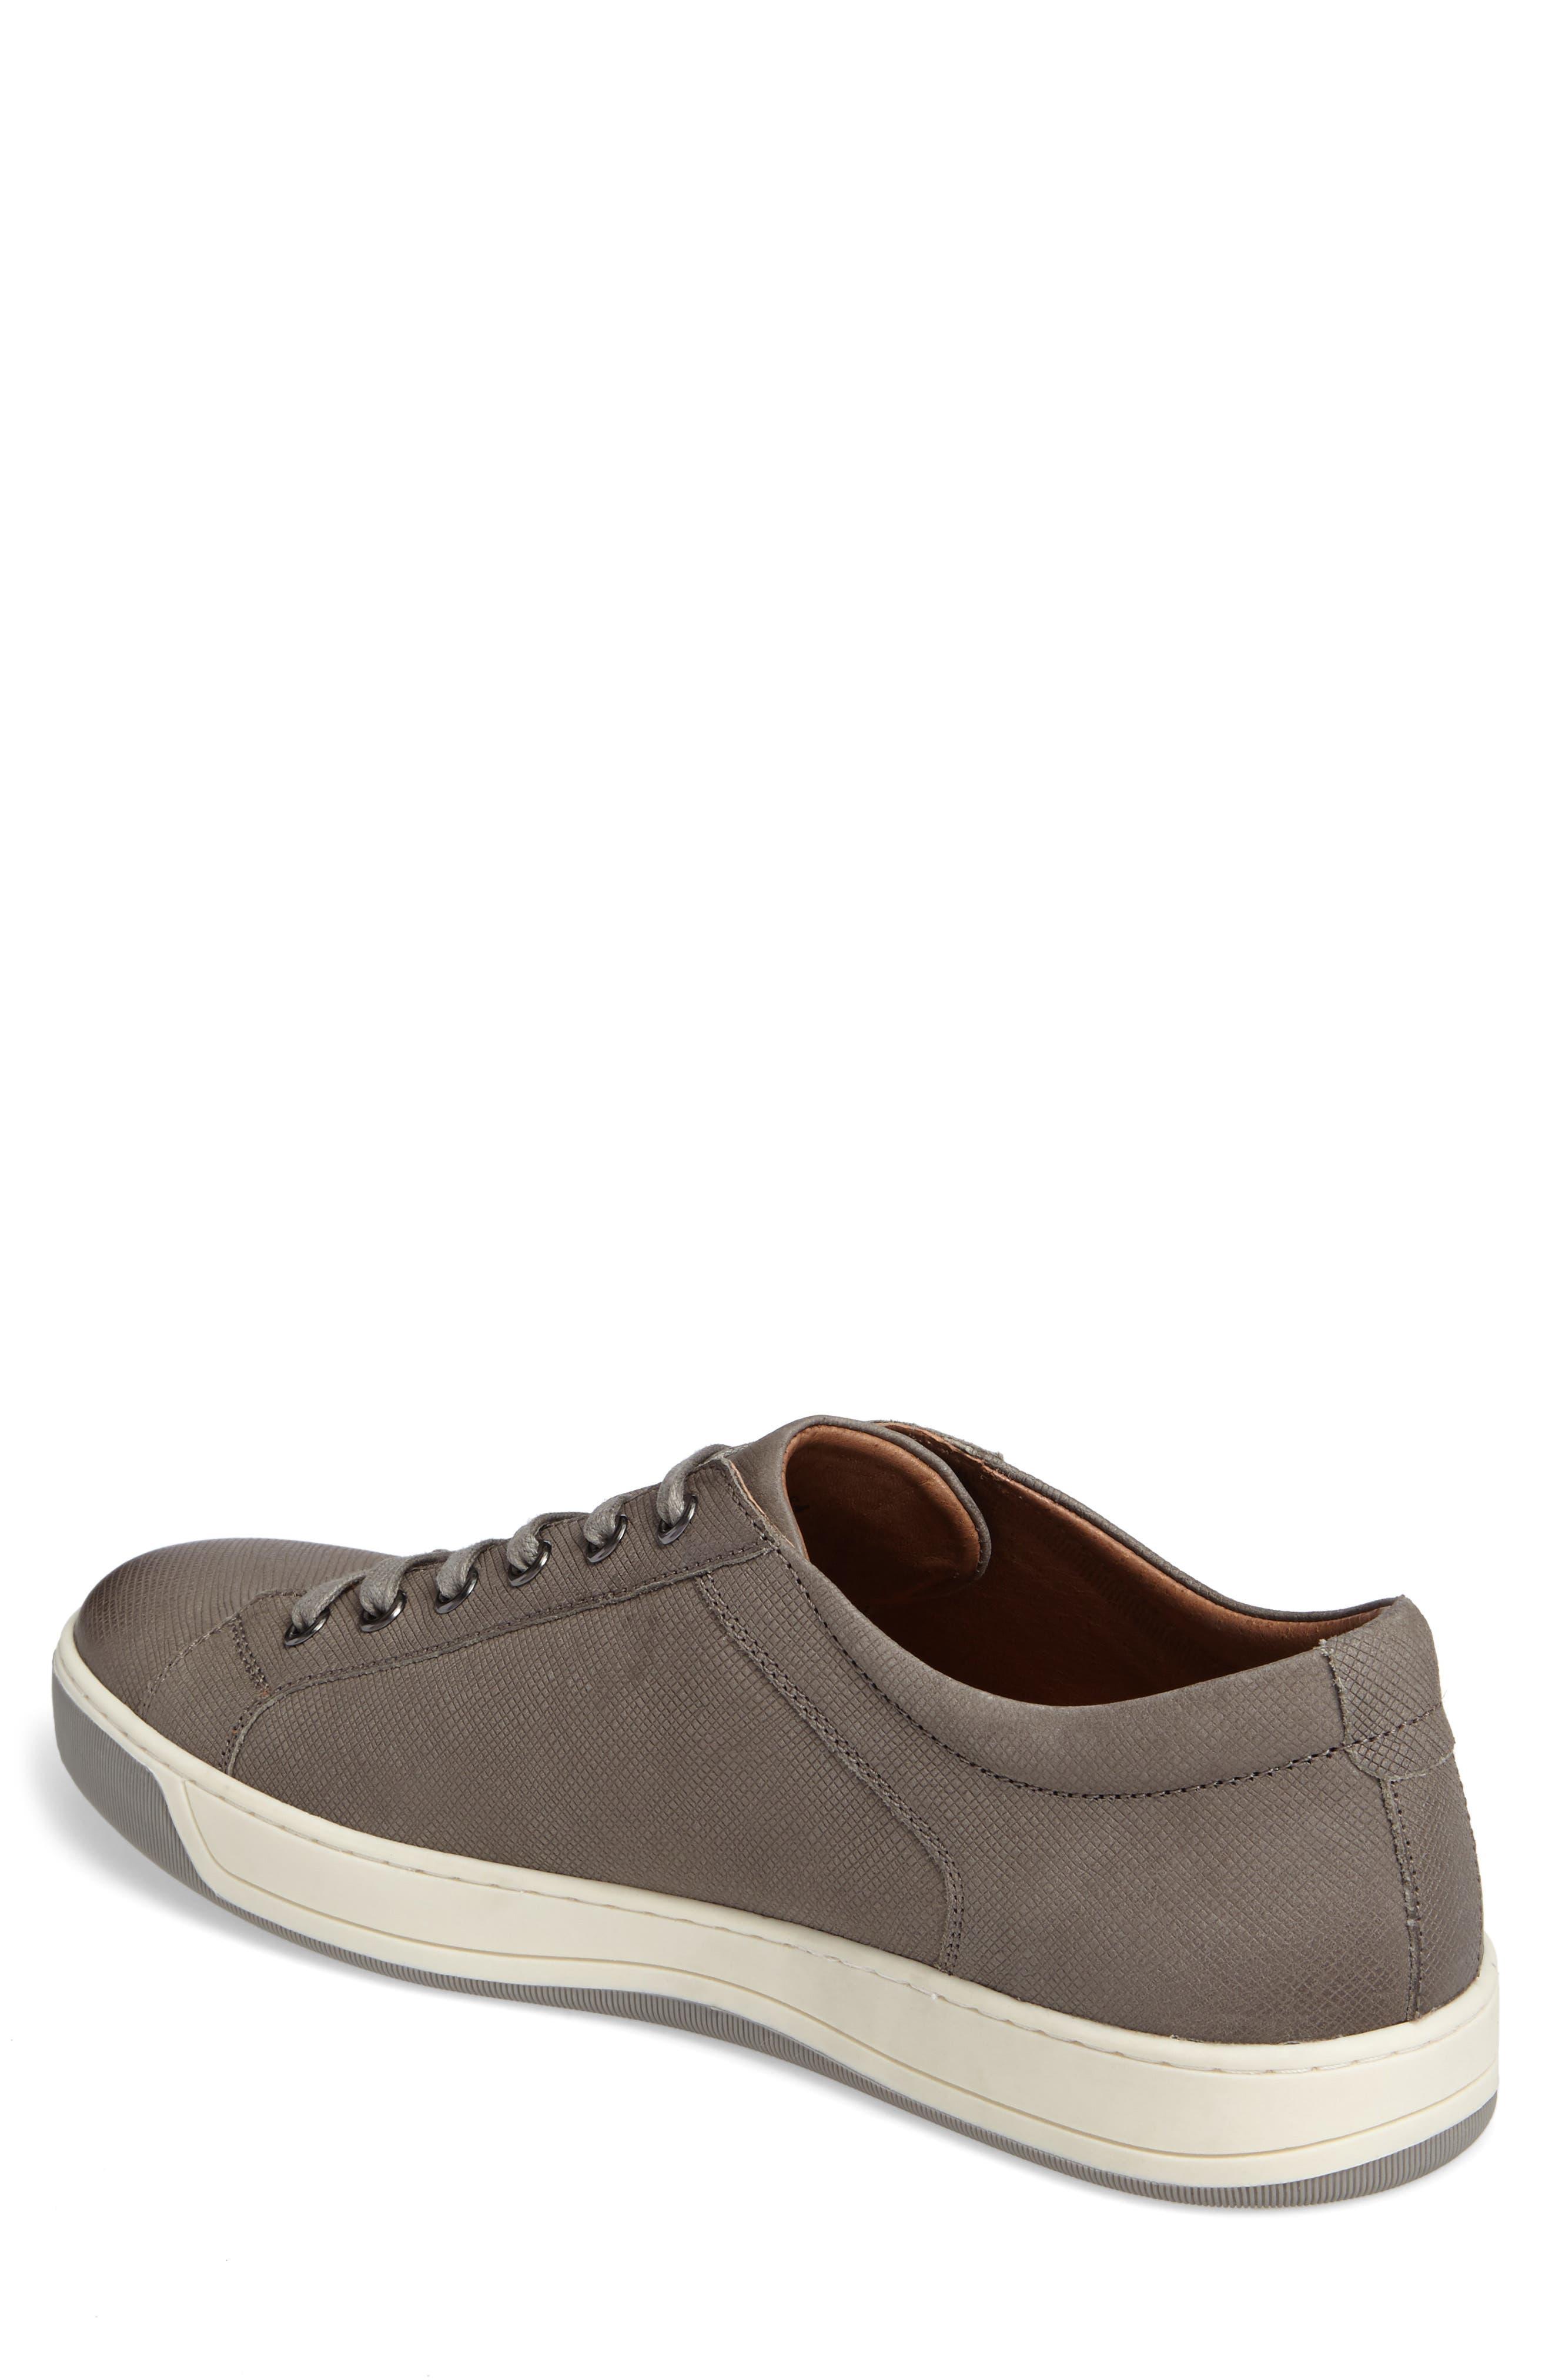 Alternate Image 2  - J&M 1850 Allister Sneaker (Men)